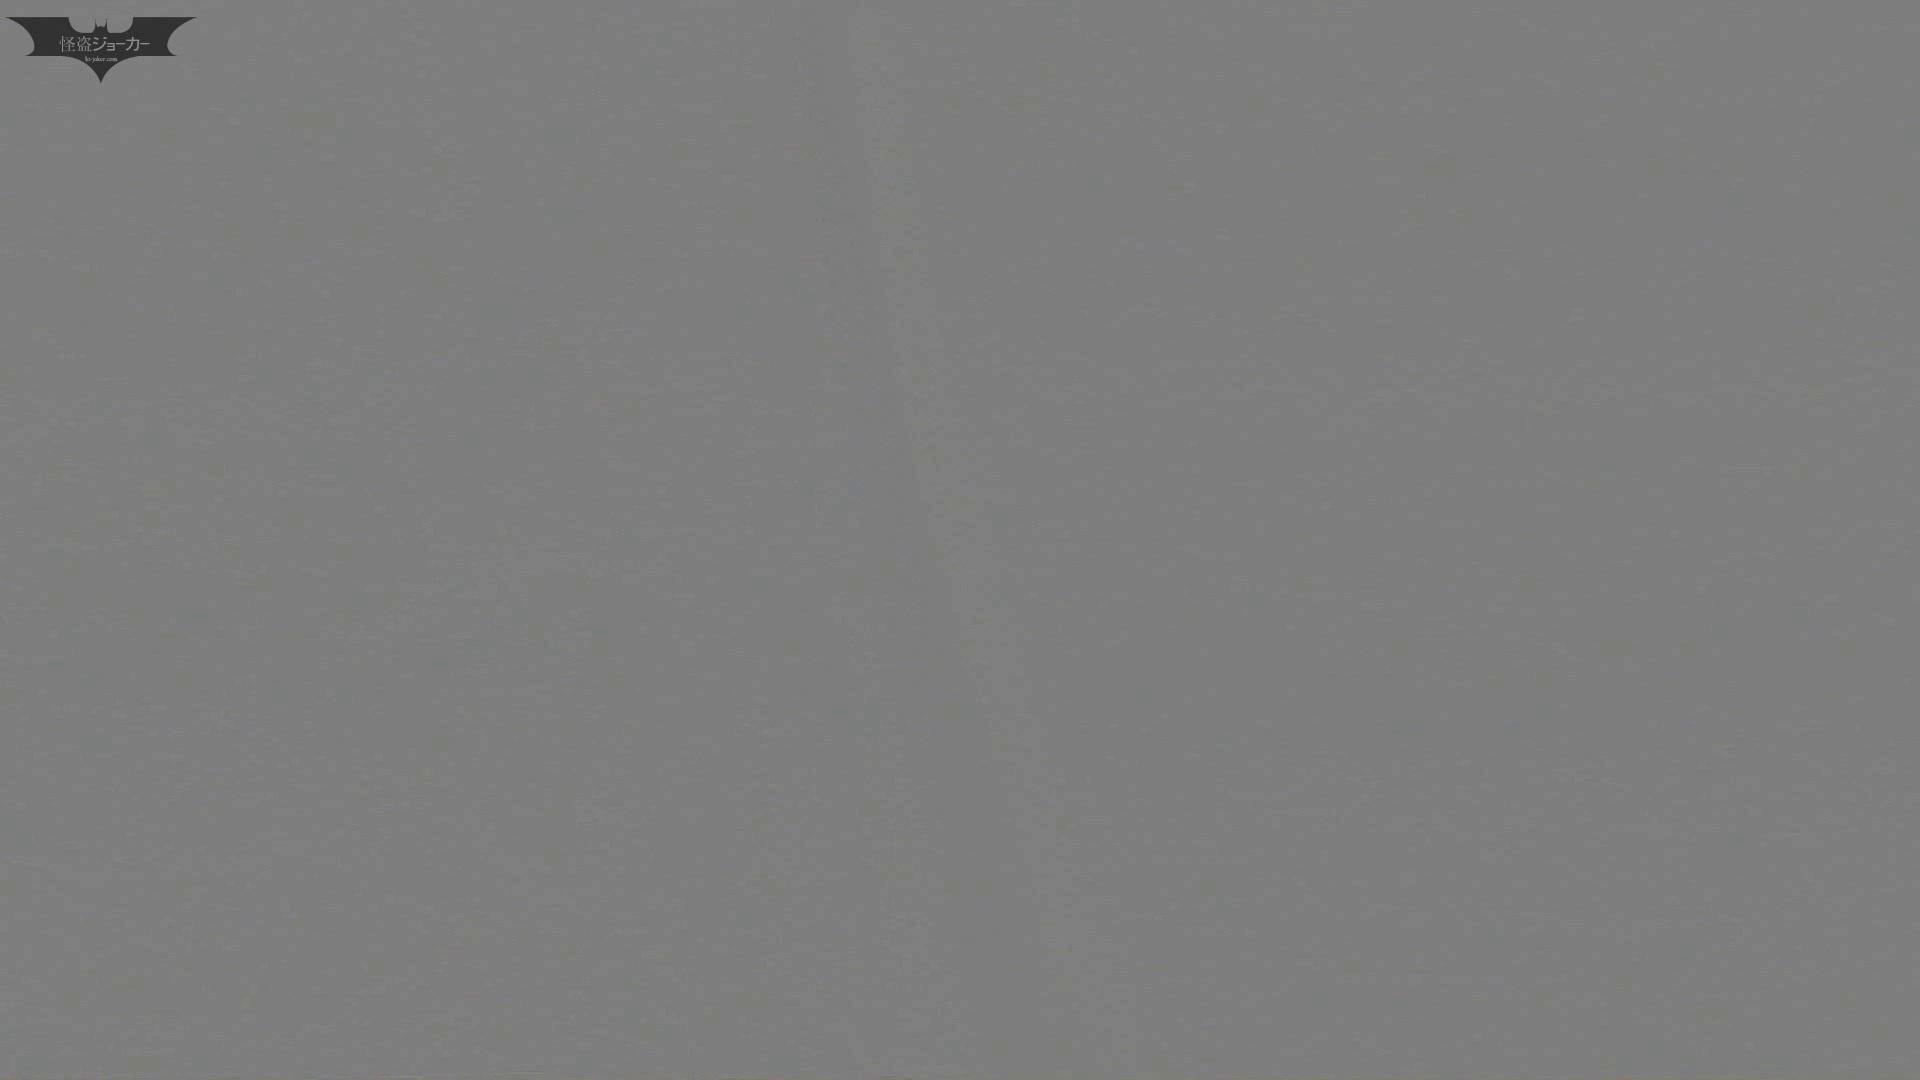 新世界の射窓 No64日本ギャル登場か?ハイヒール大特集! ギャルハメ撮り  62Pix 19